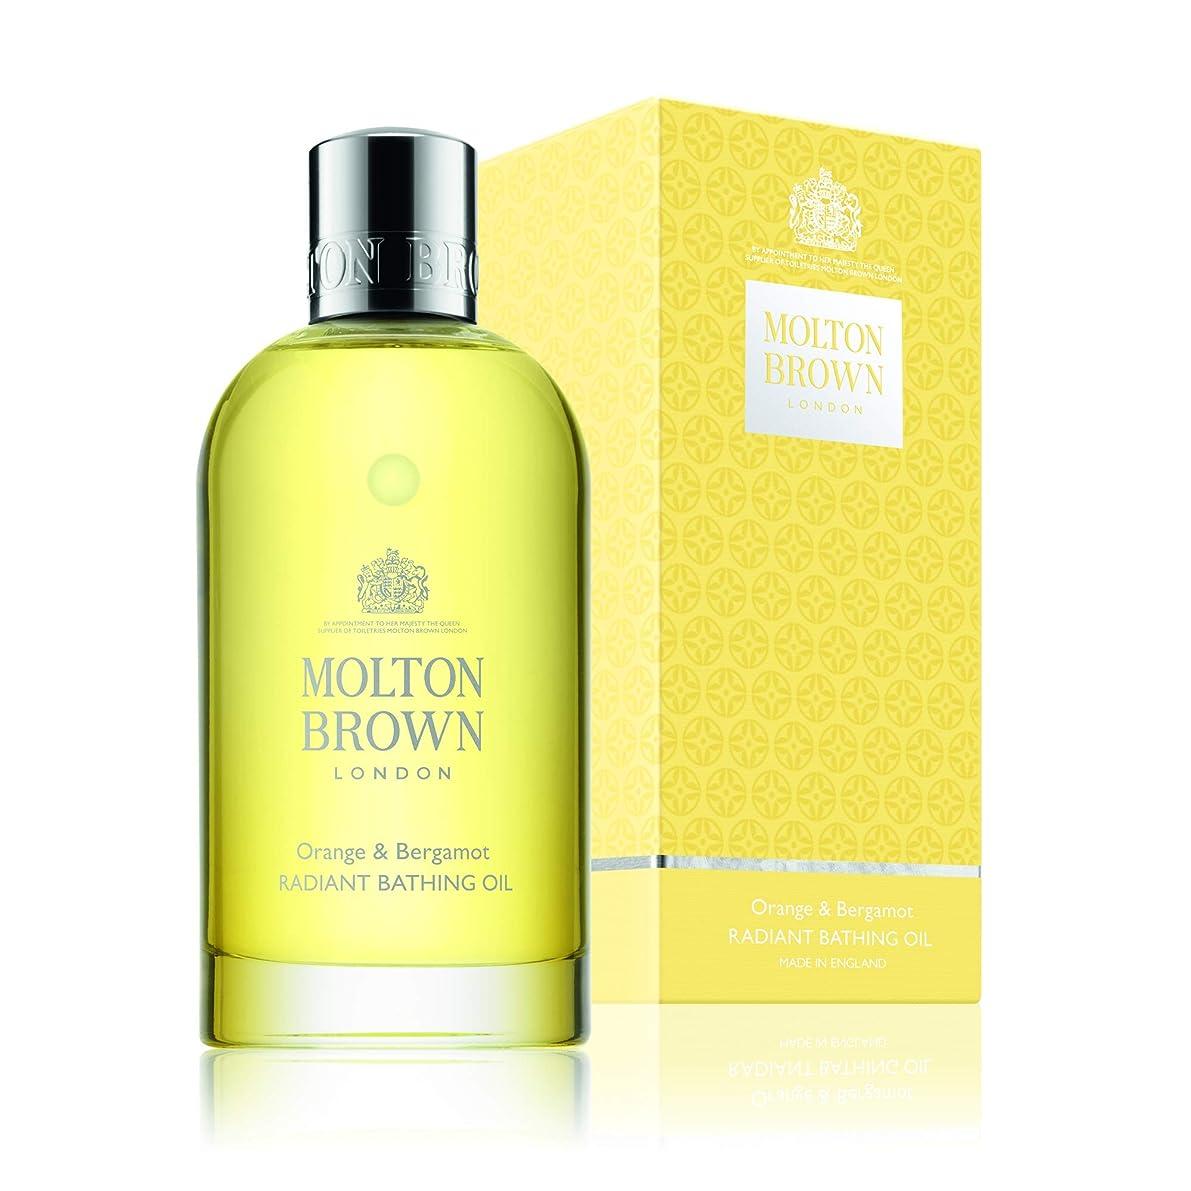 特定の療法思想MOLTON BROWN(モルトンブラウン) オレンジ&ベルガモット コレクション O&B ベージングオイル